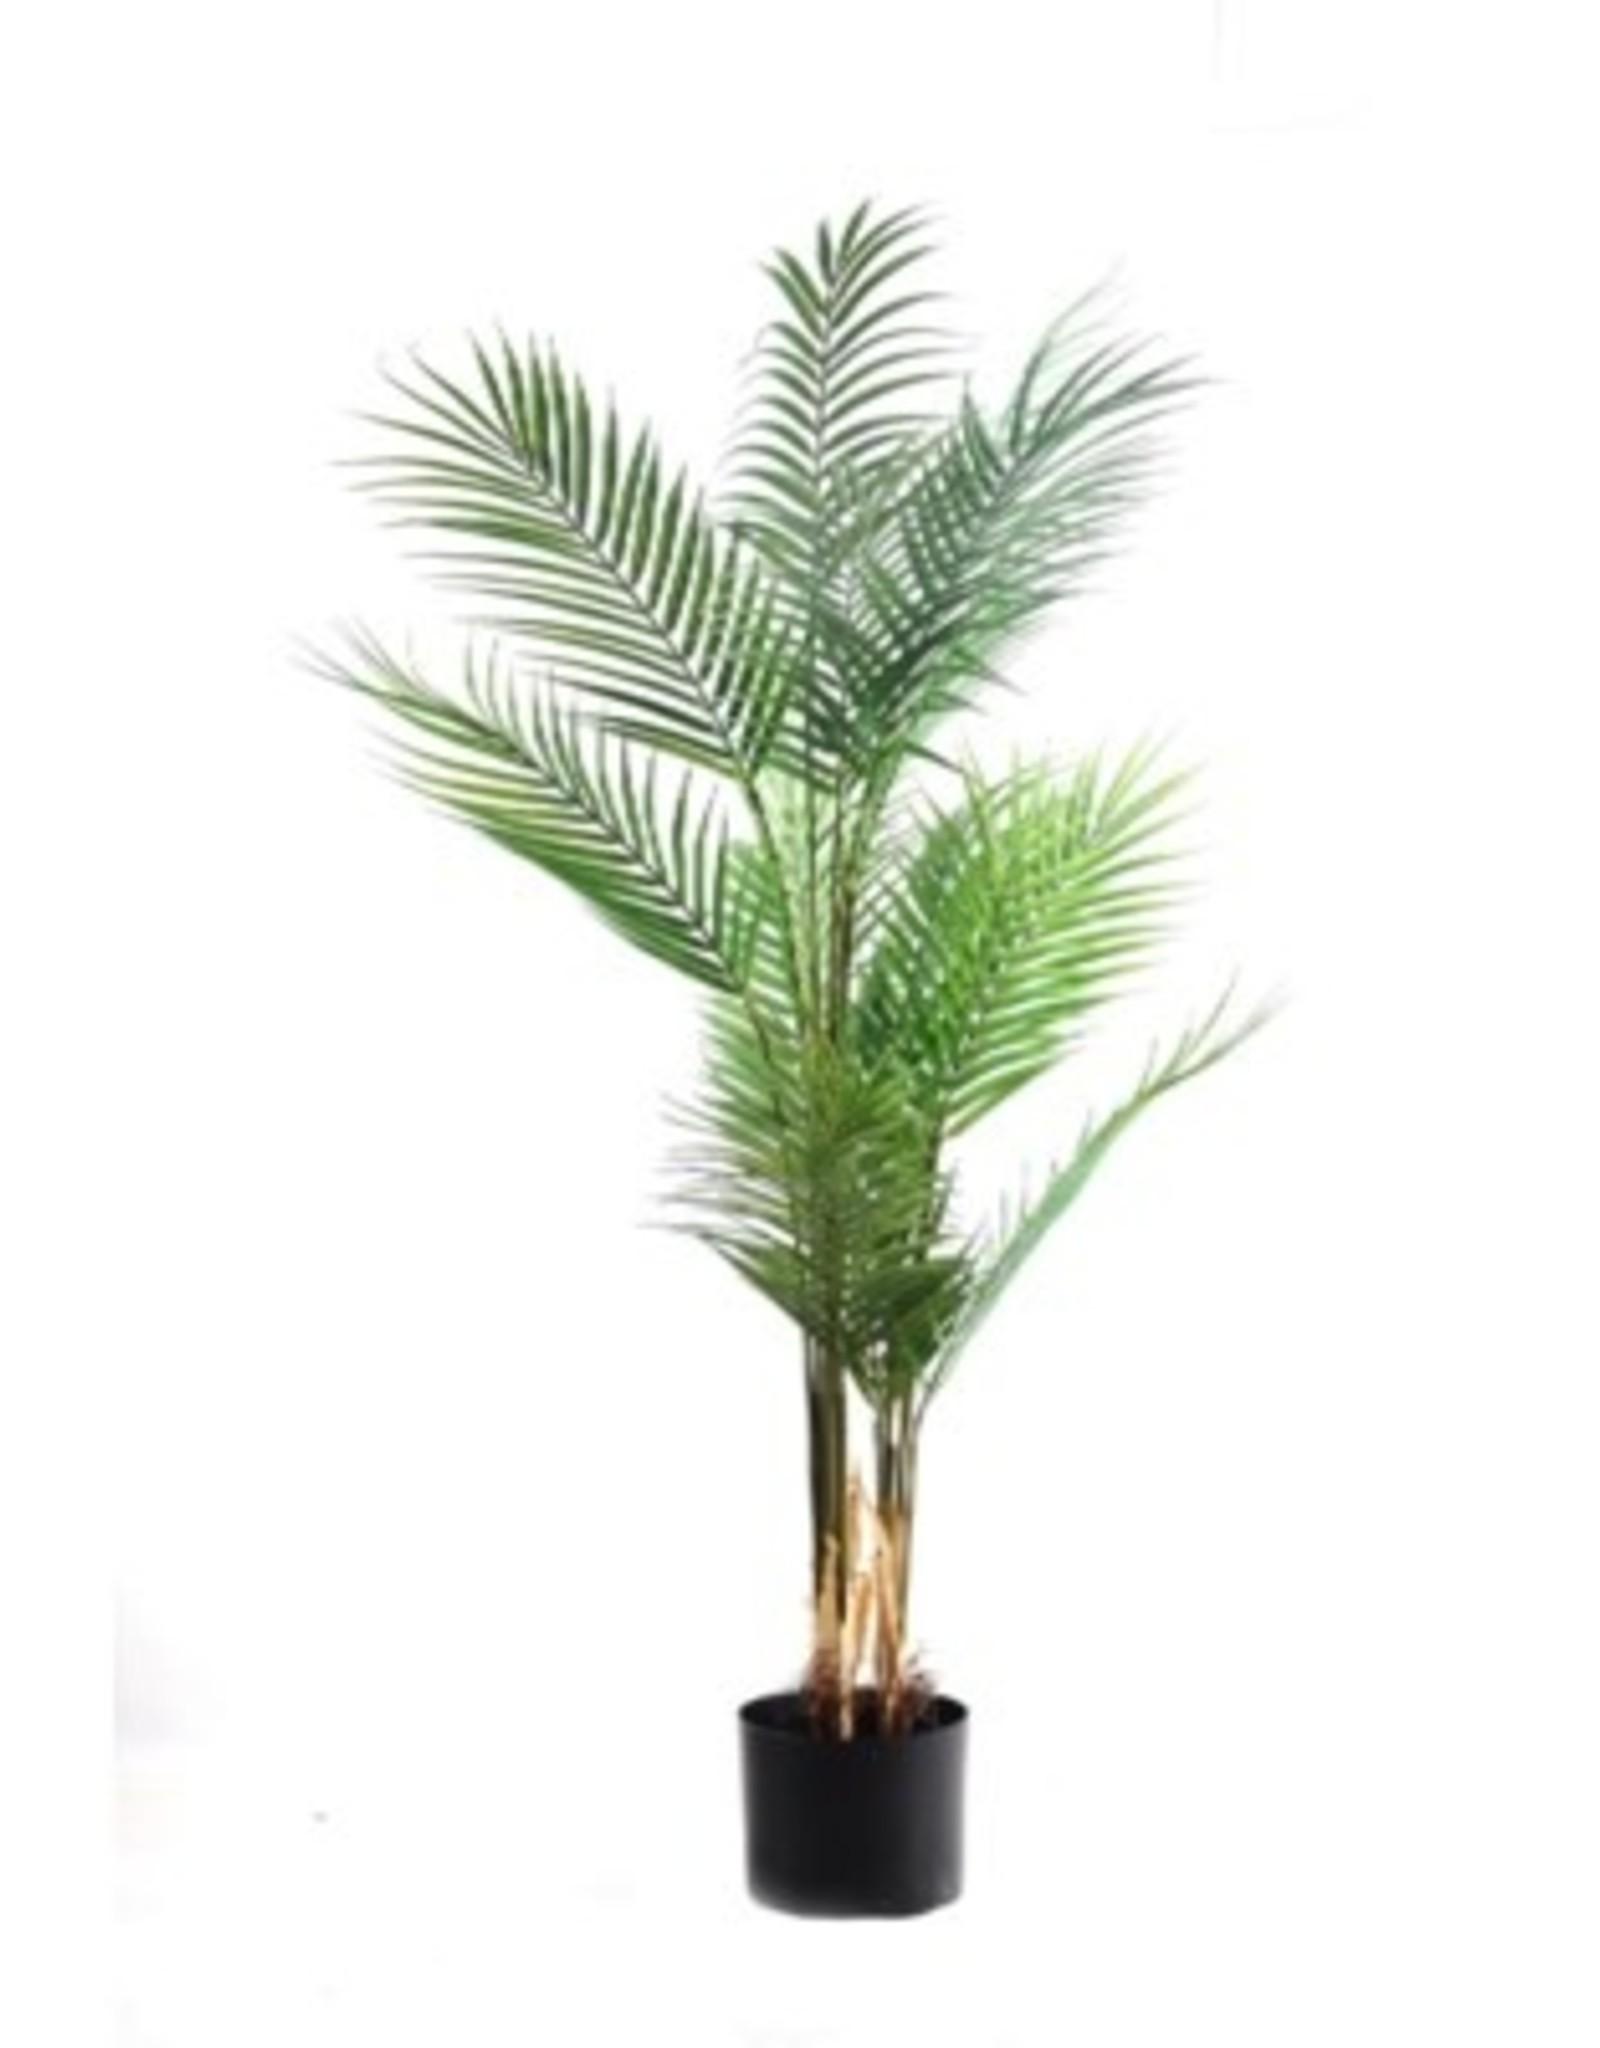 Nostalgia Kwai Tree Nostalgia Potted 780-002